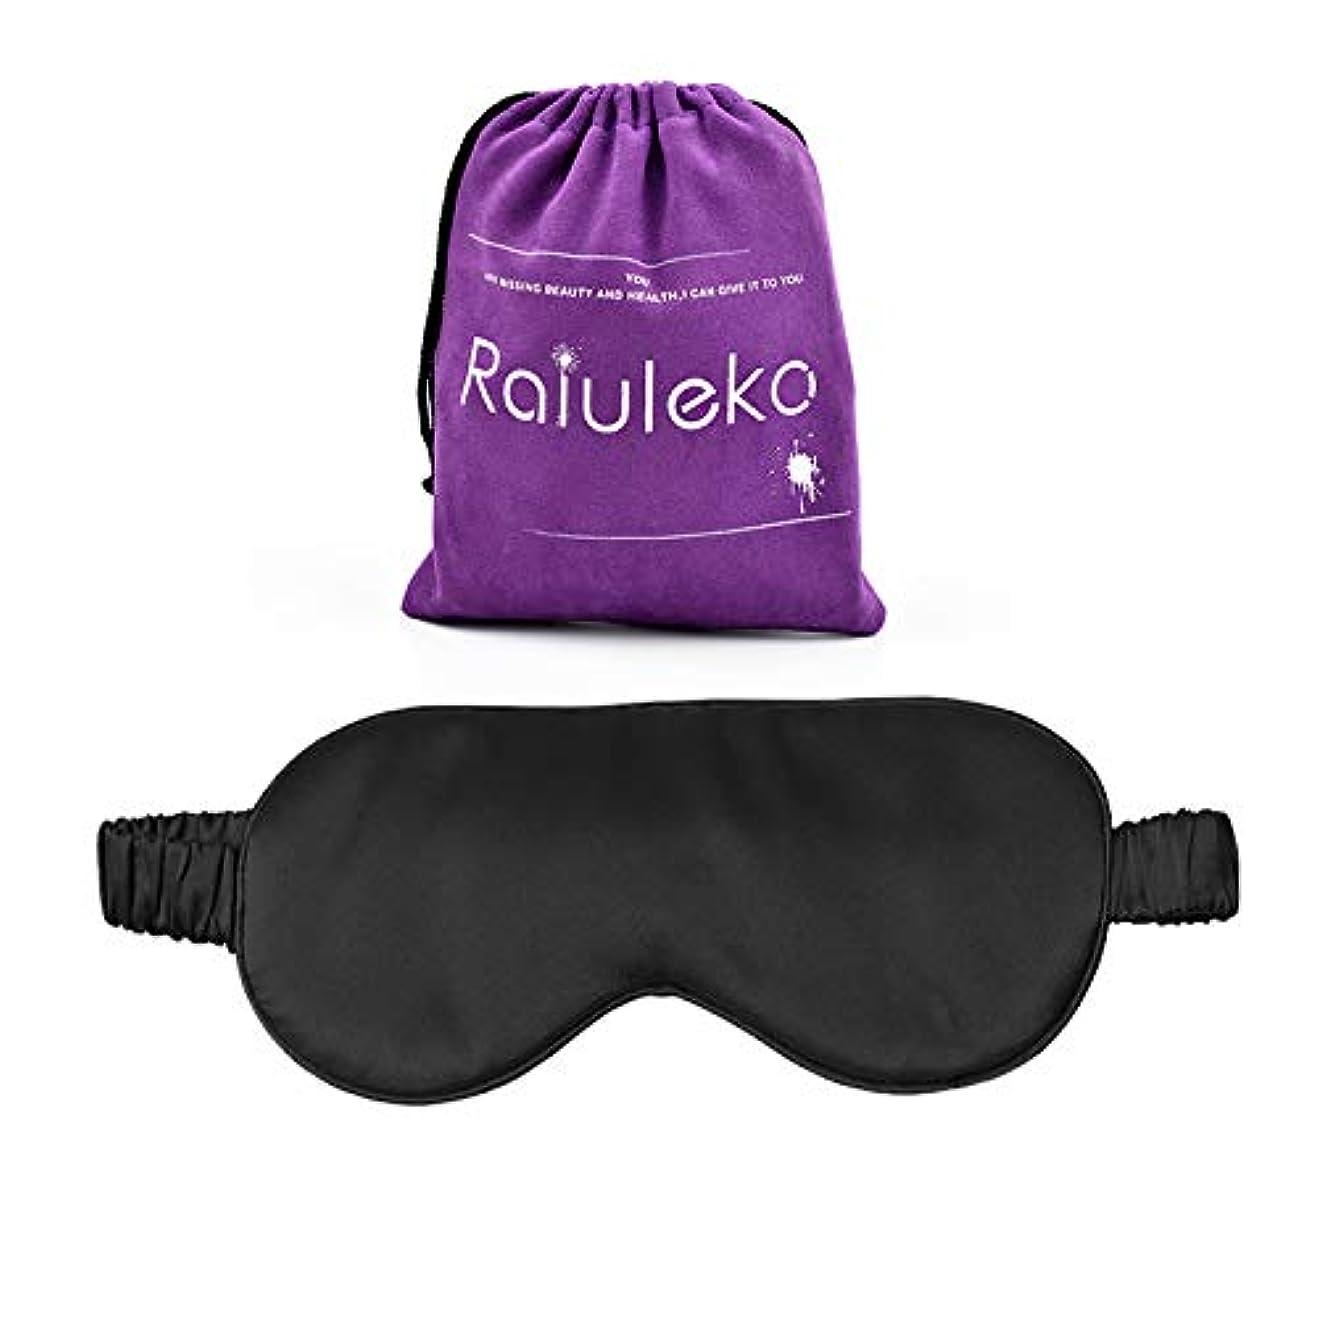 爆発物厳密にアカウントNOTE ナチュラルピュアシルクソフトスリープマスク目隠しシェードアイカバーポータブル接眼用旅行睡眠オフィス用休息調節可能な包帯